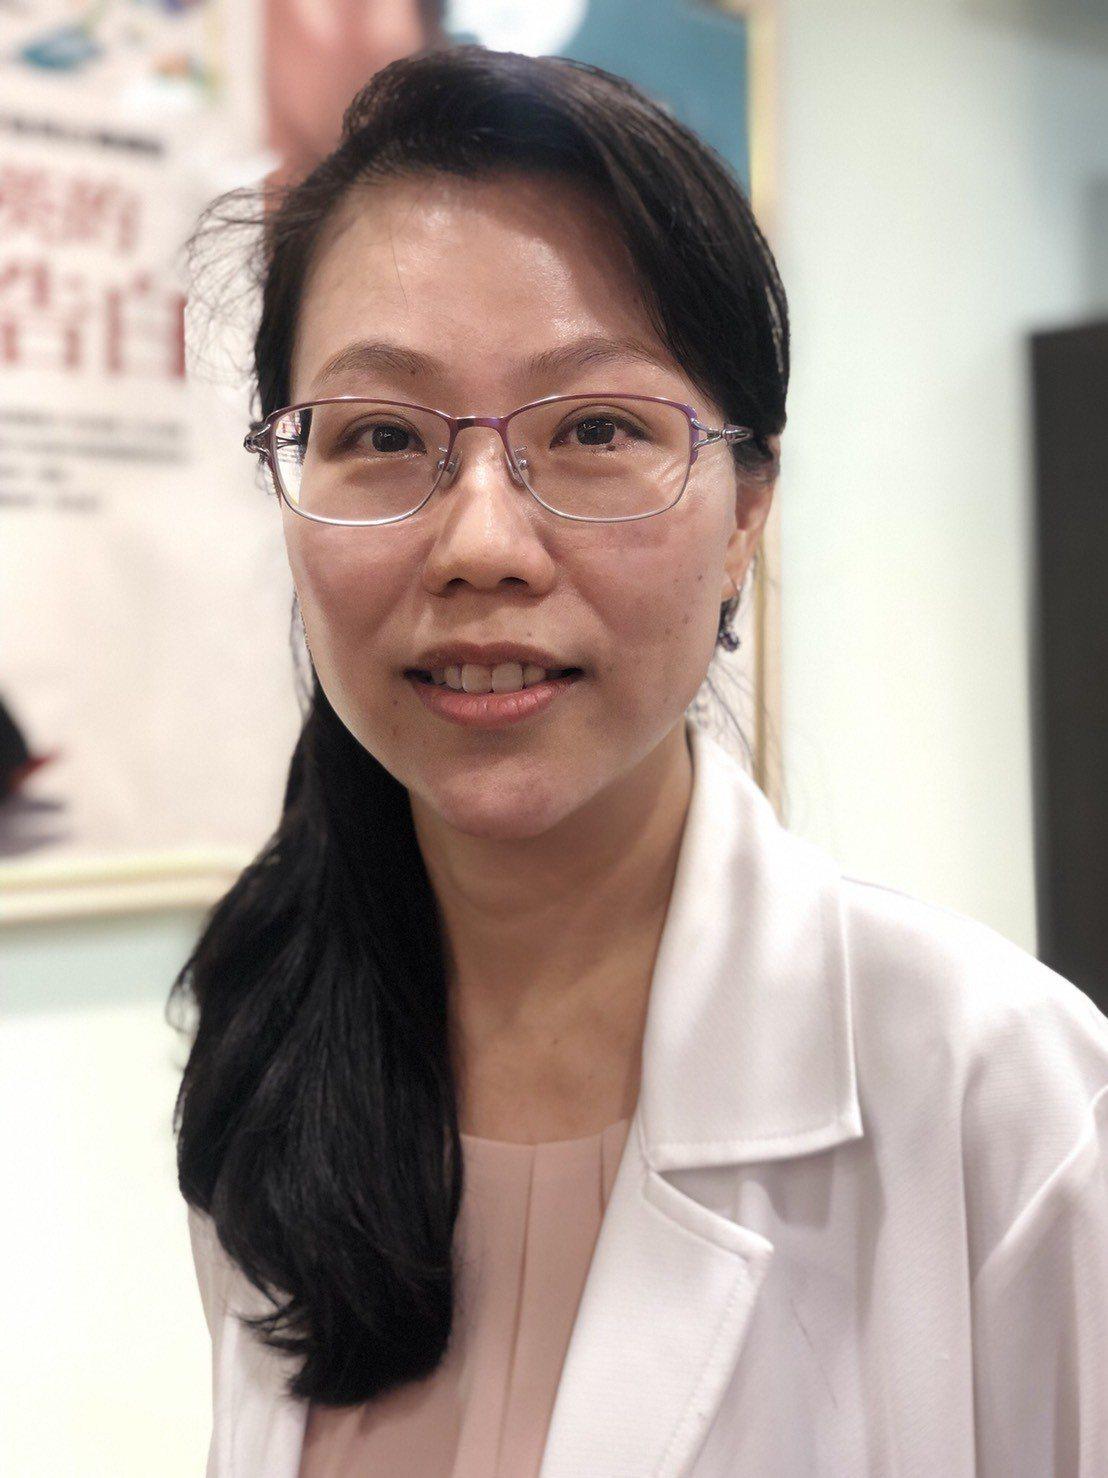 黃靜雯醫師提醒敷面膜的「四不」,減少皮膚因敷錯面膜而導致過敏。記者劉嘉韻/攝影